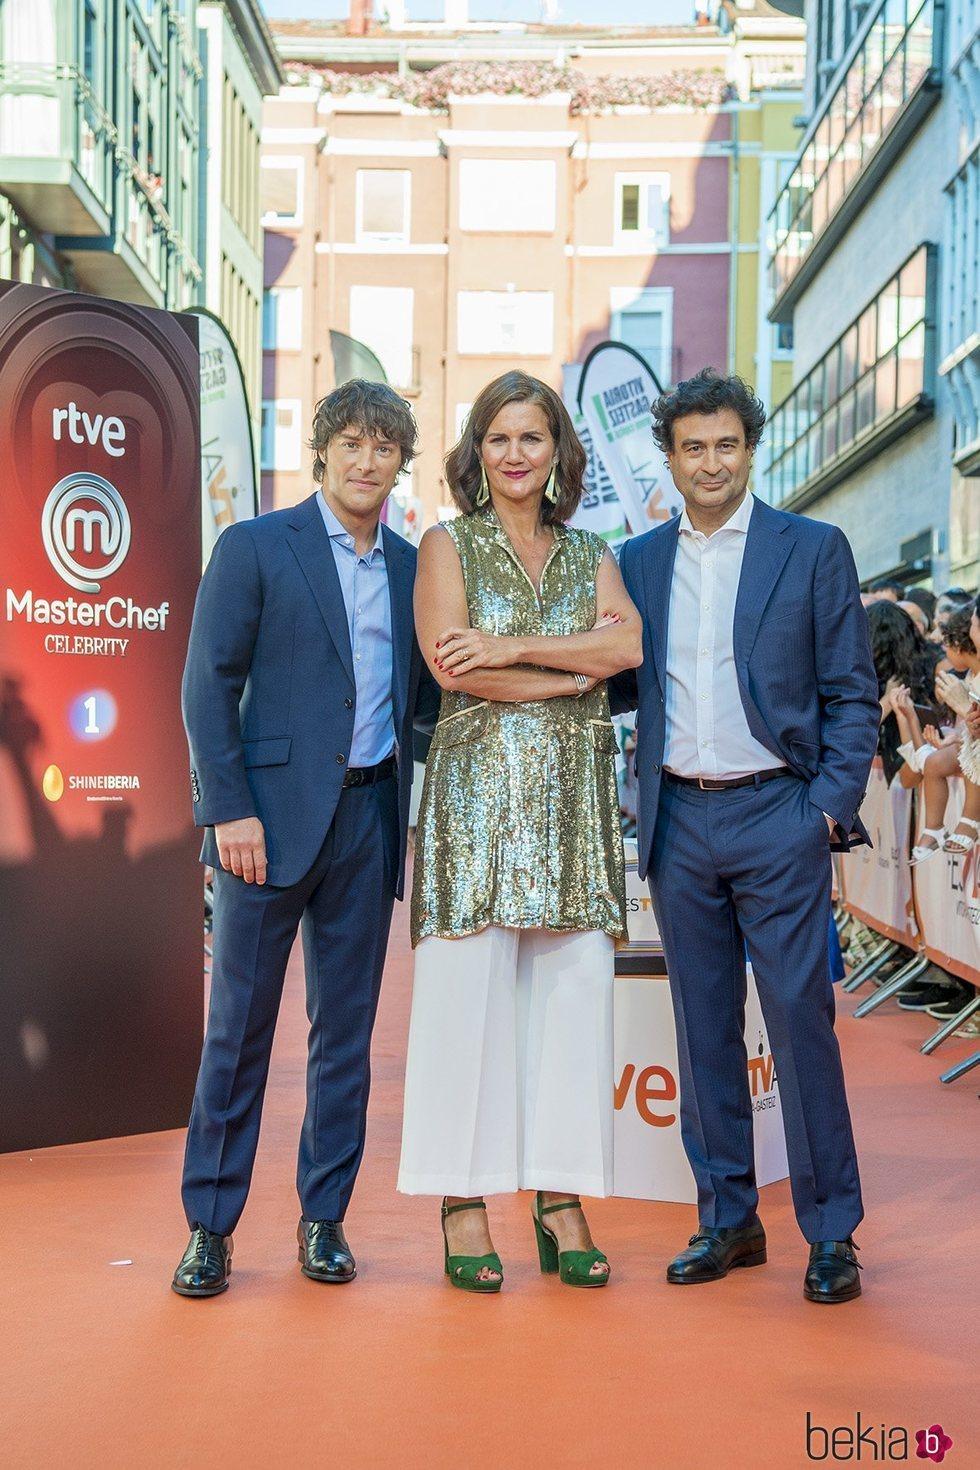 Jordi Cruz, Samantha Vallejo-Nágera y Pepe Rodríguez en la presentación de 'MasterChef' en el FestVal 2019